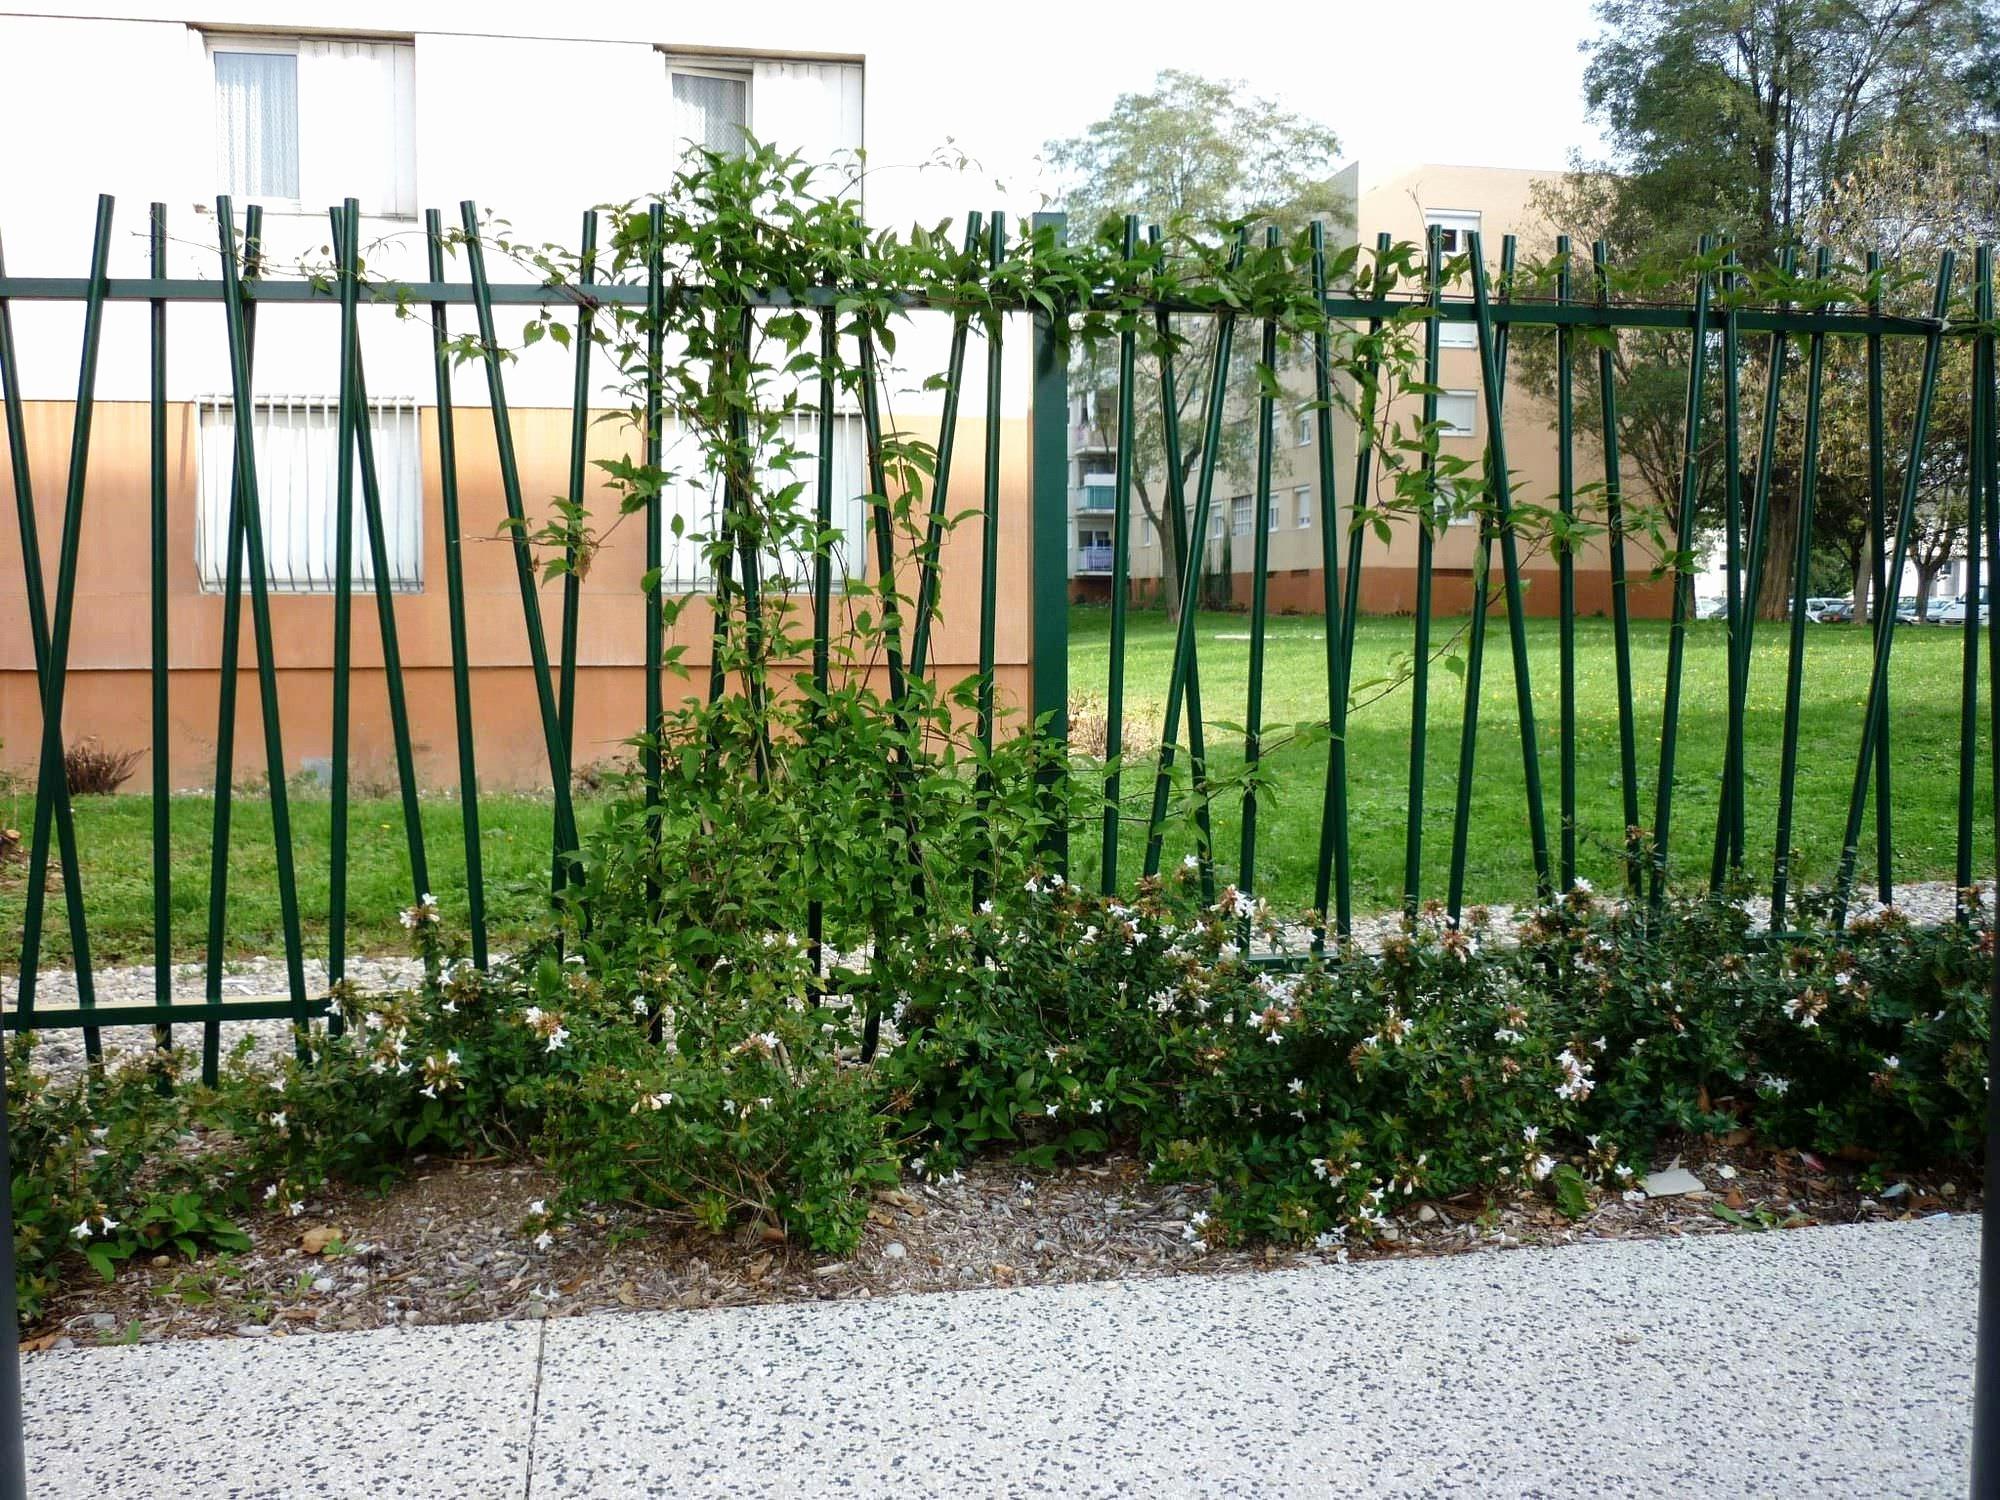 Carrefour tonnelle De Jardin Nouveau Photographie Abri De Jardin En Bois Carrefour Plus Fantaisie Cabane De Jardin